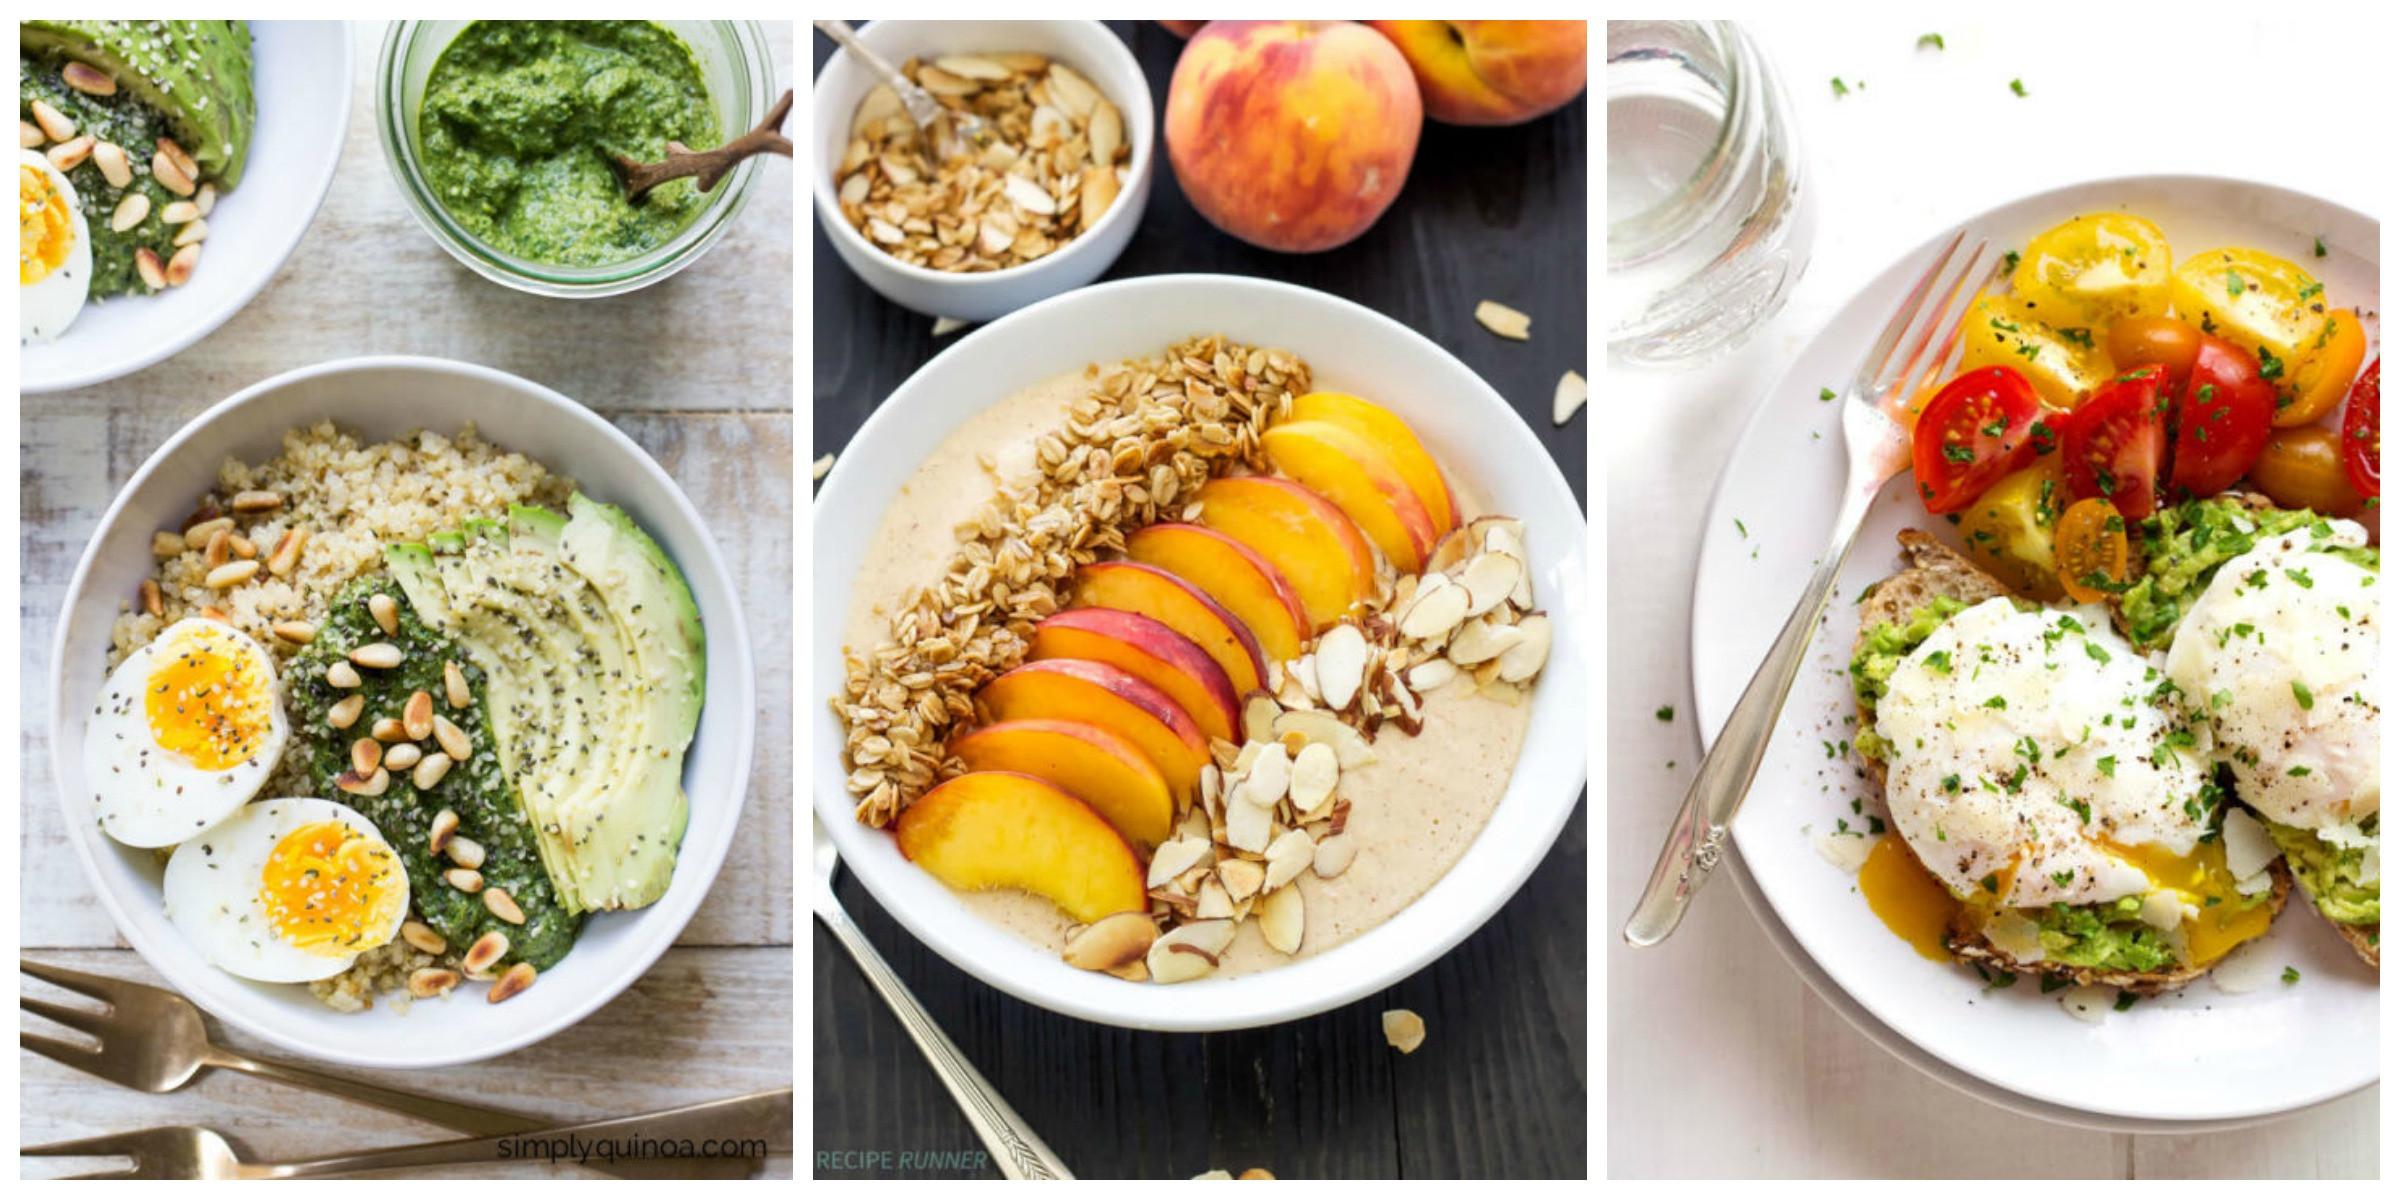 Healthy Breakfast Recipe Ideas  20 Best Healthy Breakfast Food Ideas Recipes for Healthy